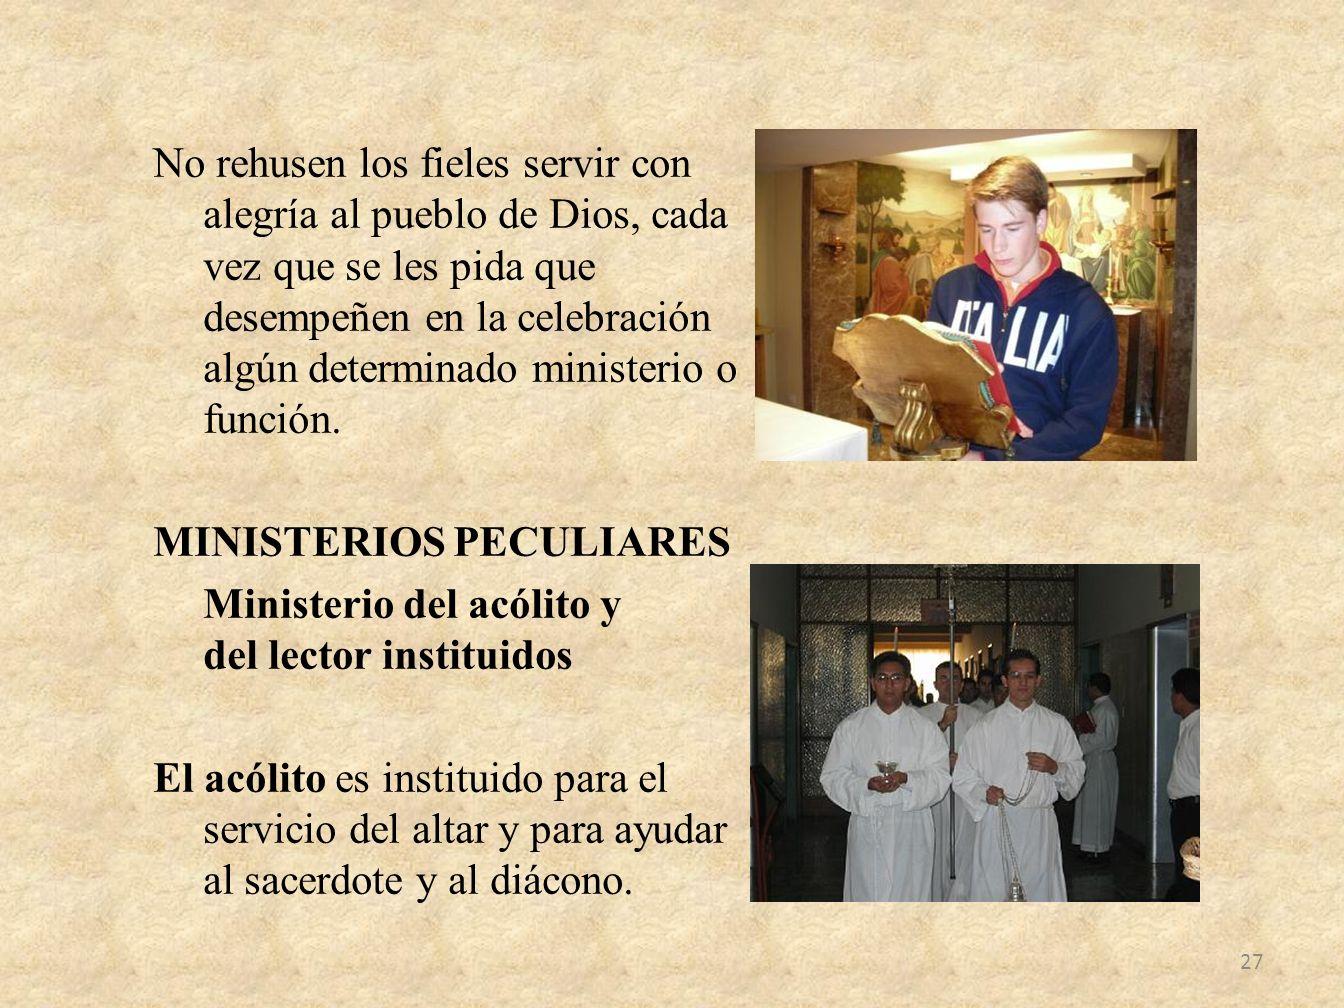 No rehusen los fieles servir con alegría al pueblo de Dios, cada vez que se les pida que desempeñen en la celebración algún determinado ministerio o f